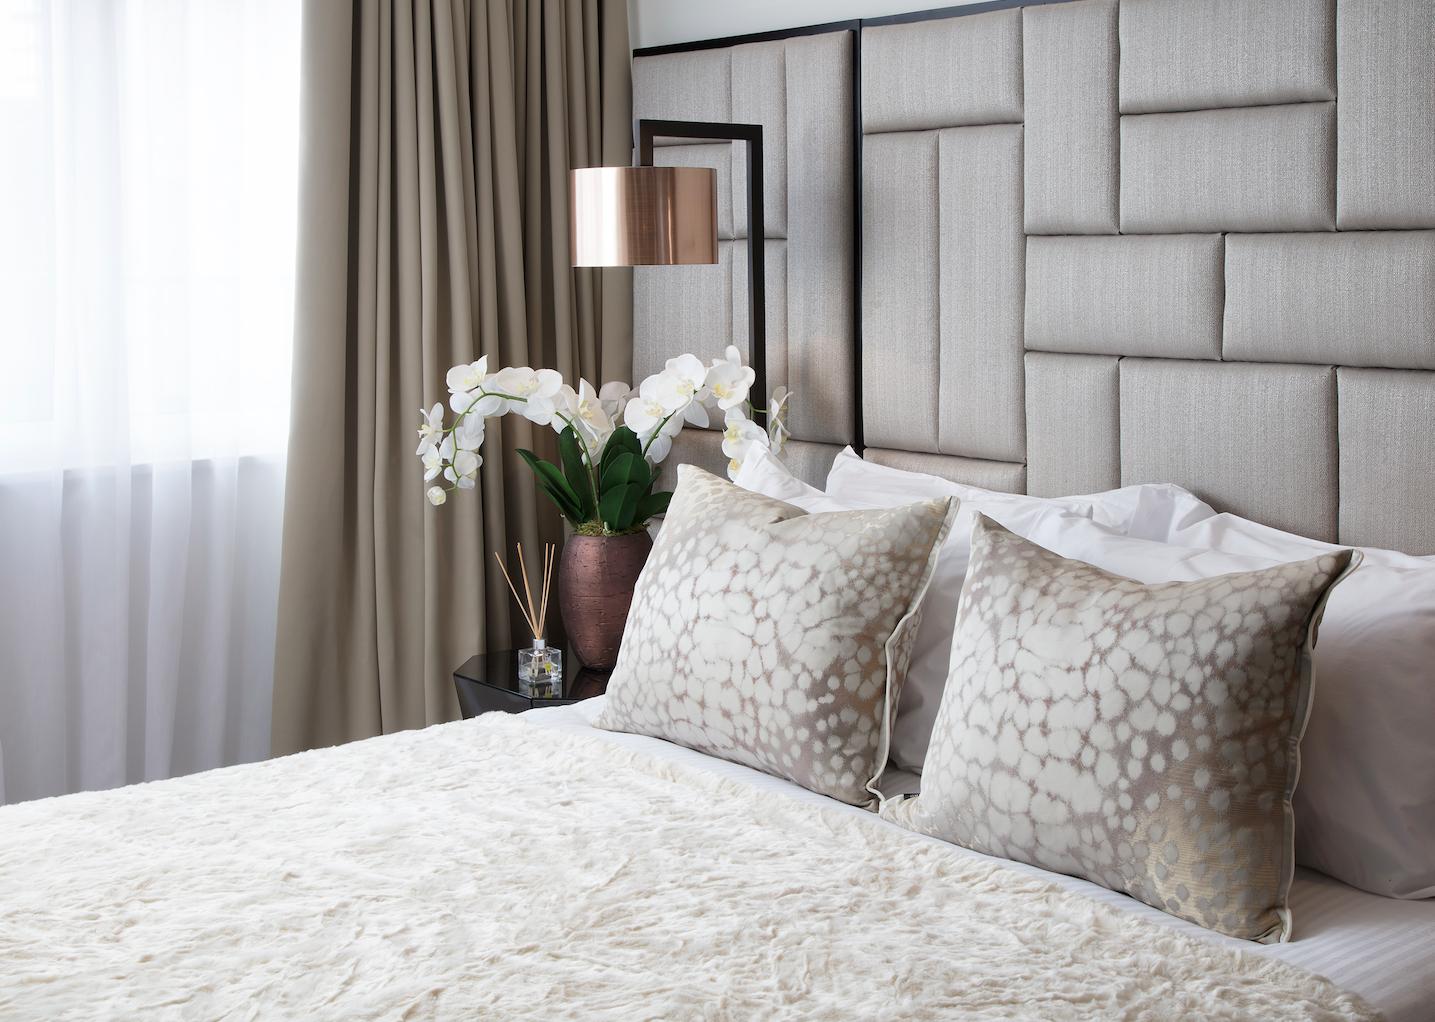 Ways To Work With Neutral Colour Schemes Clare Norrish Interior Design